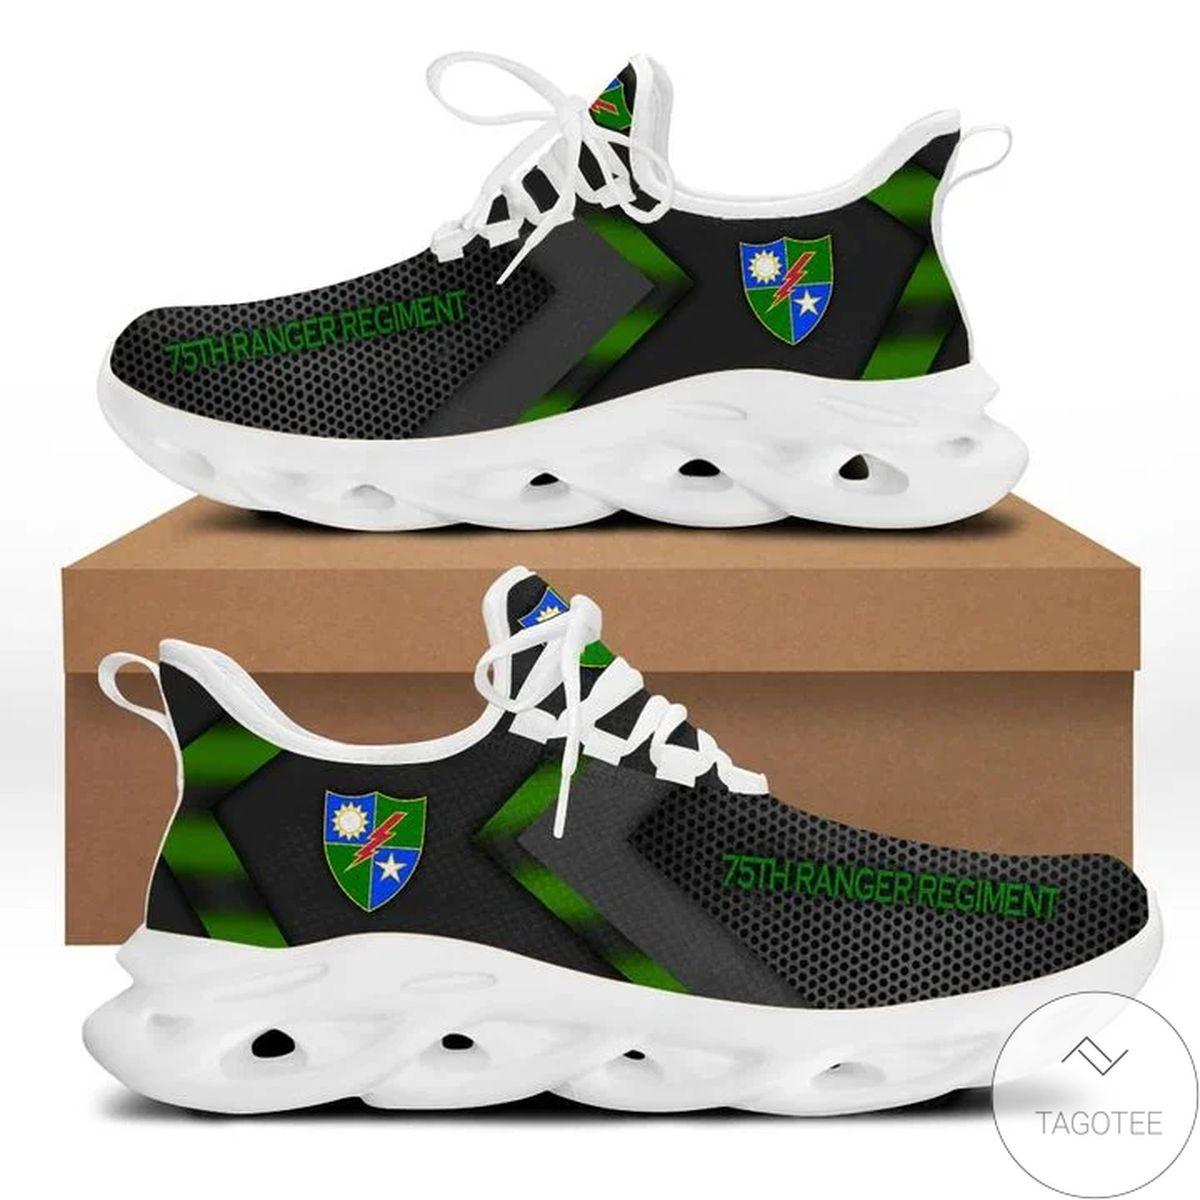 US Shop 75th Ranger Regiment Max Soul Shoes